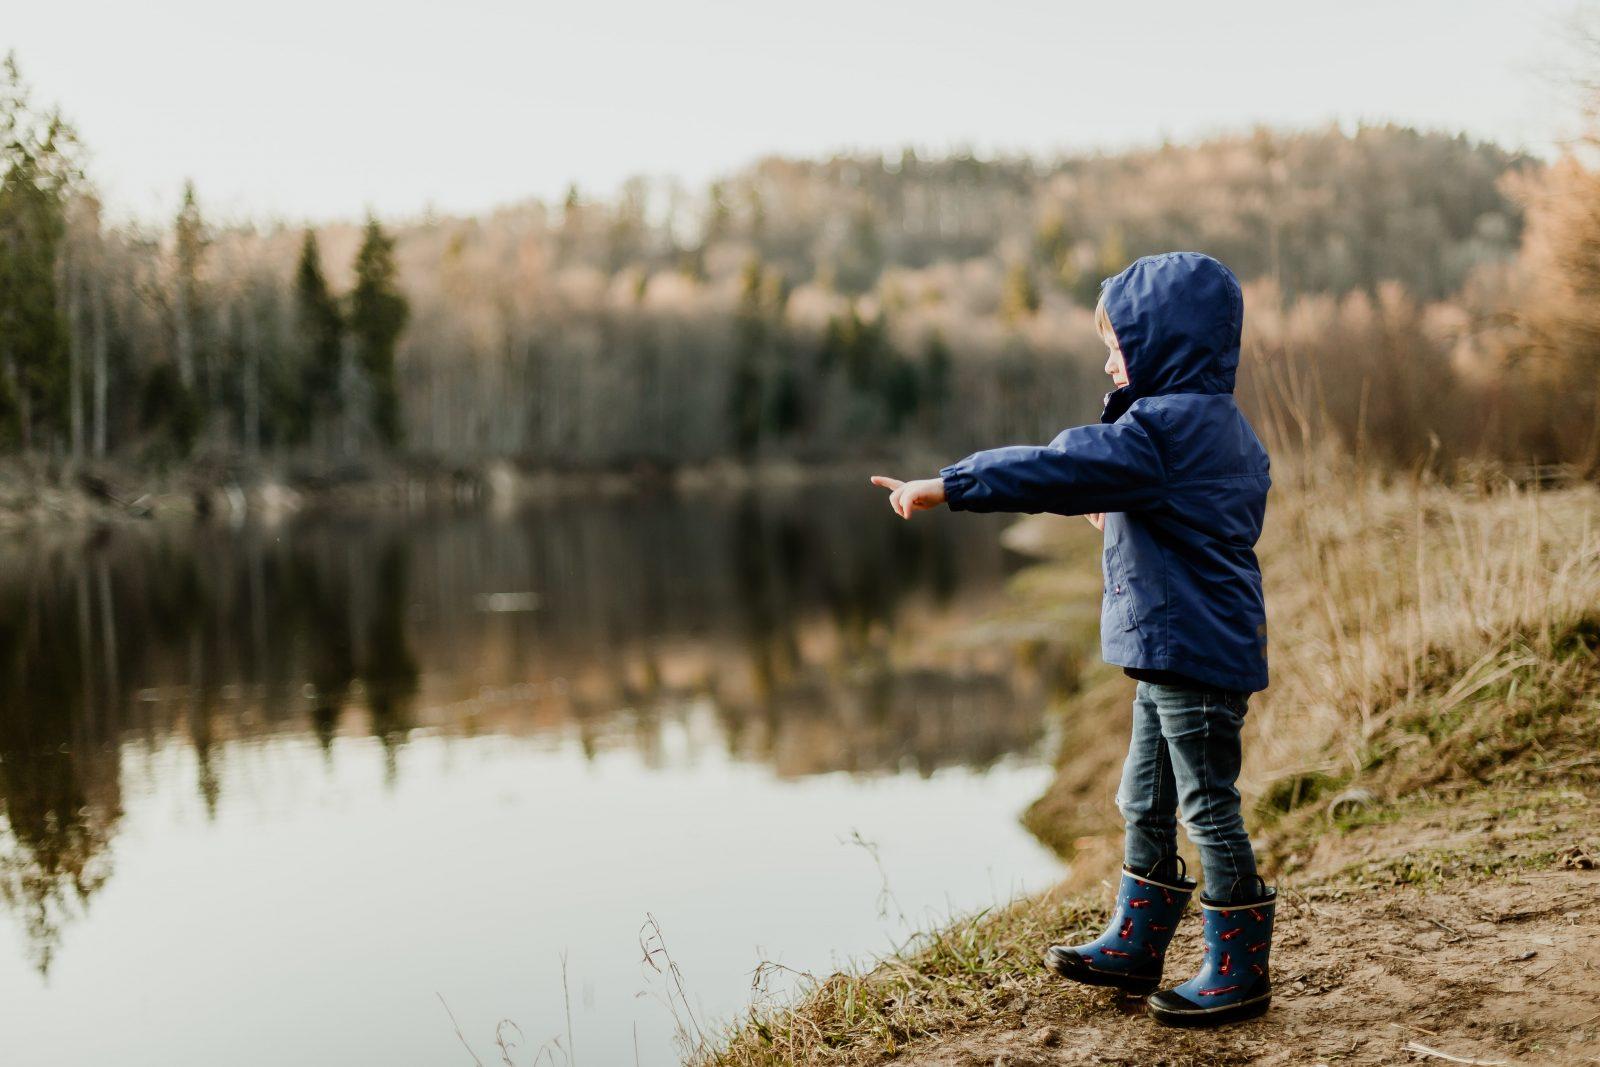 Poika hämmästelee luontoa